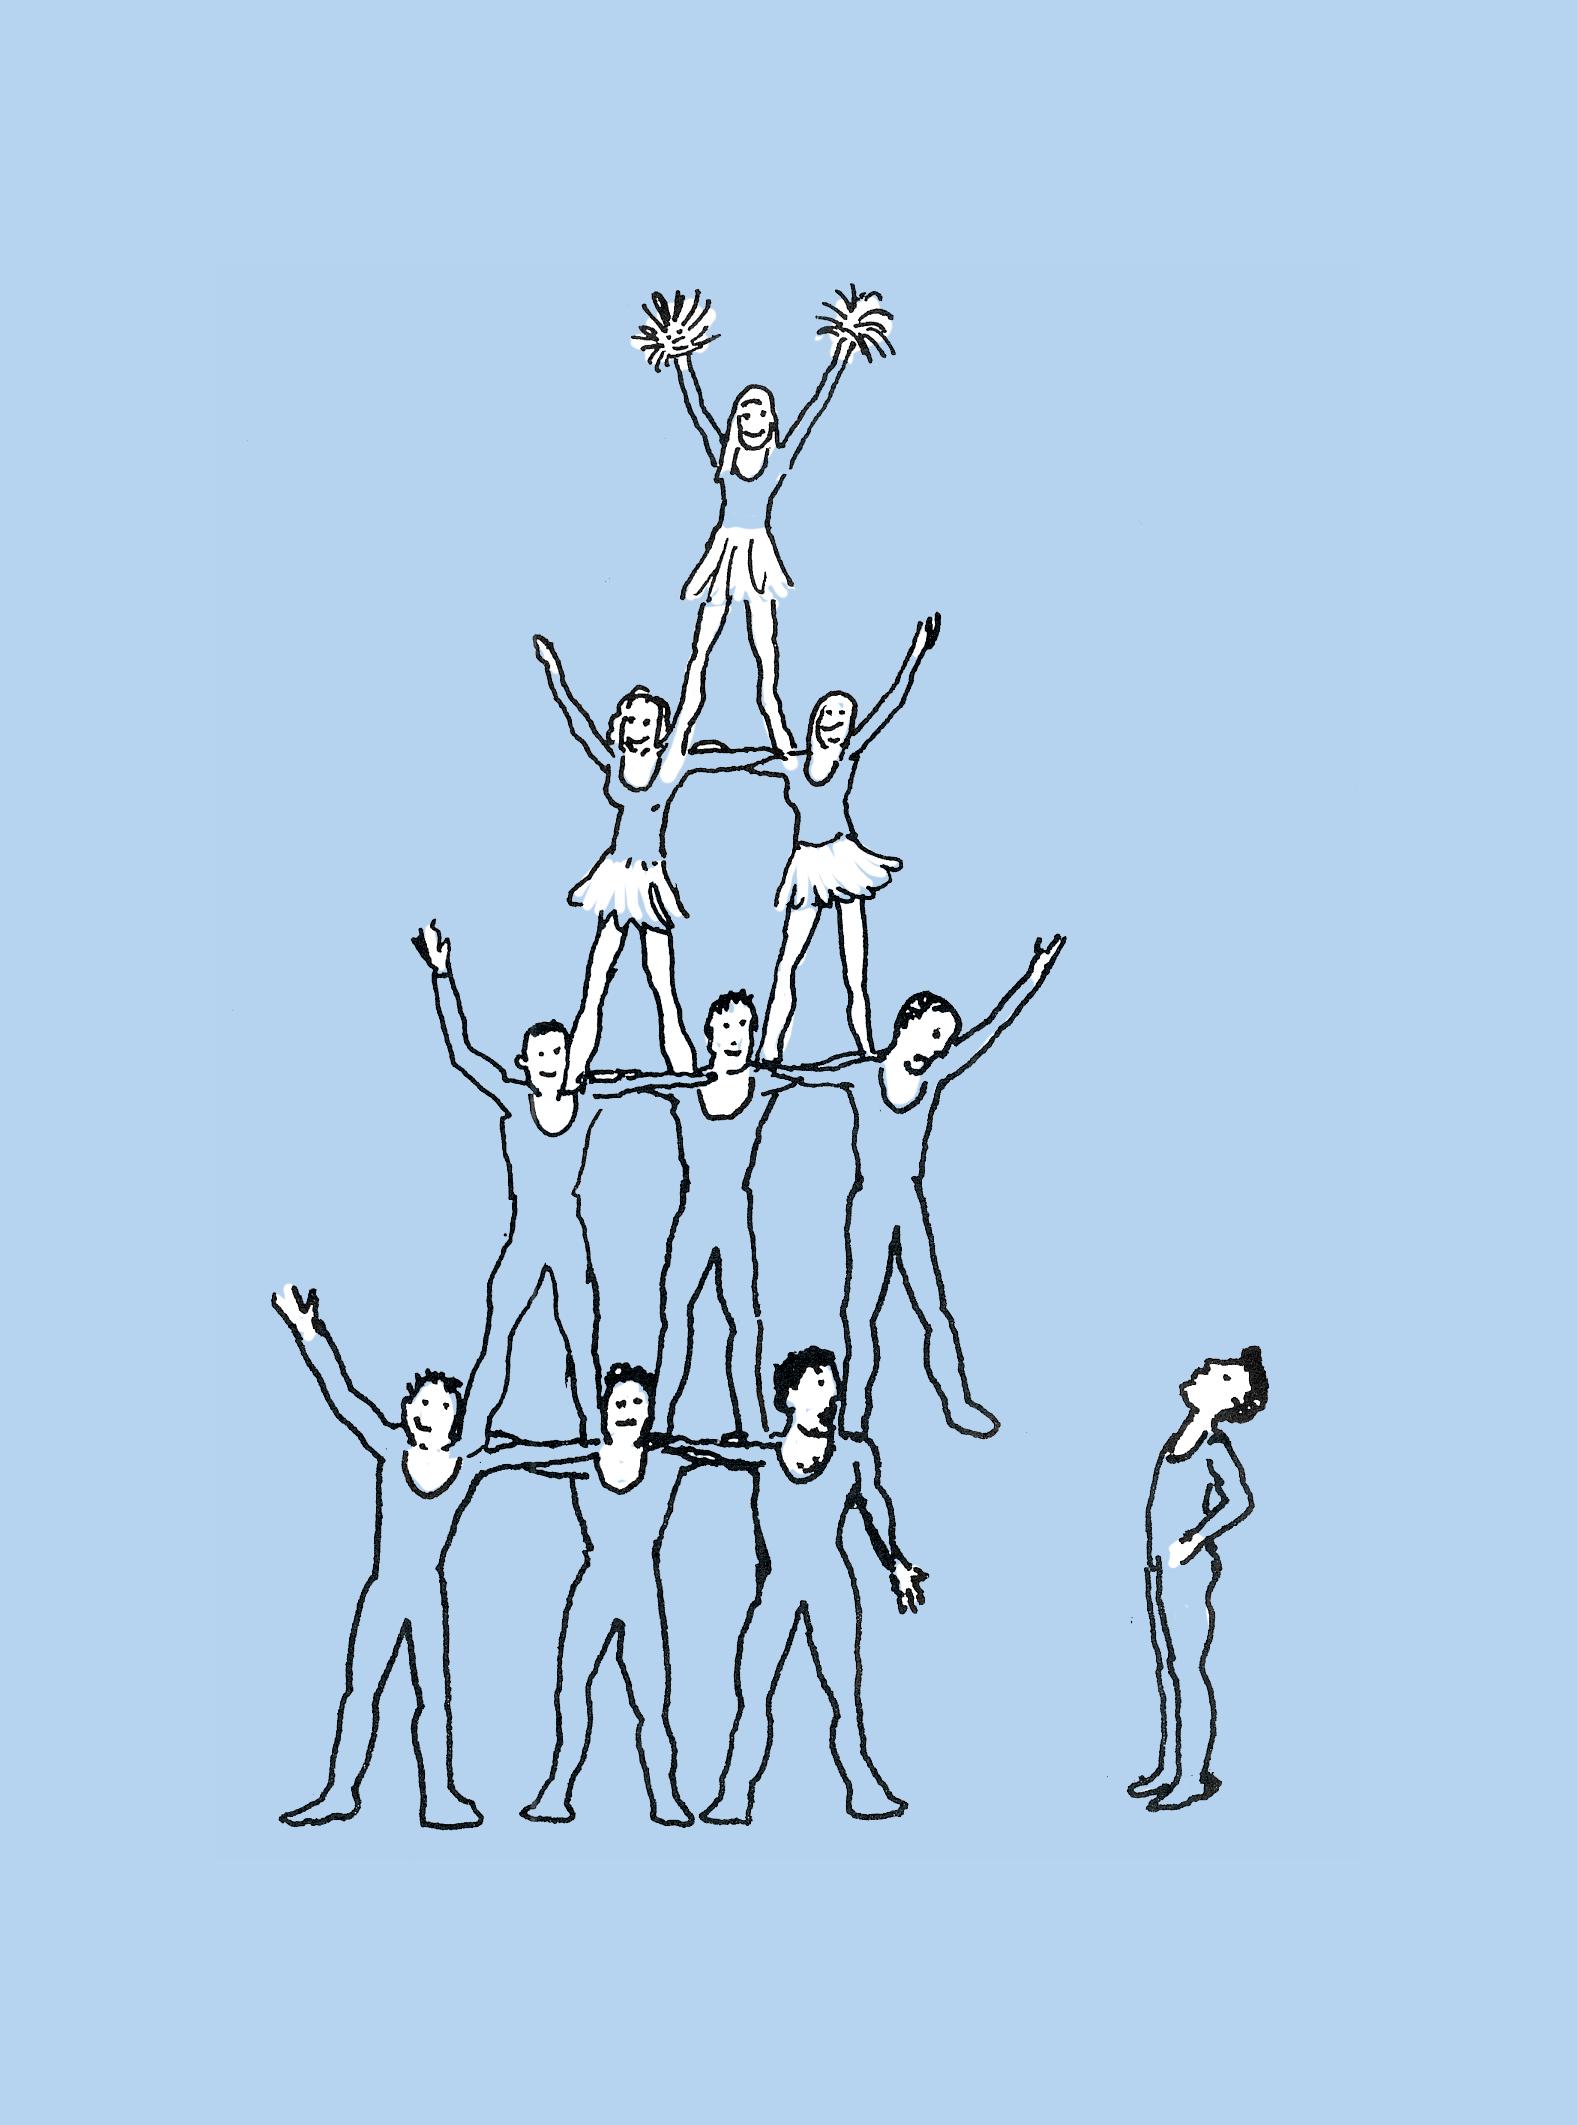 Illustratie menselijke toren, één man stapt ernaast